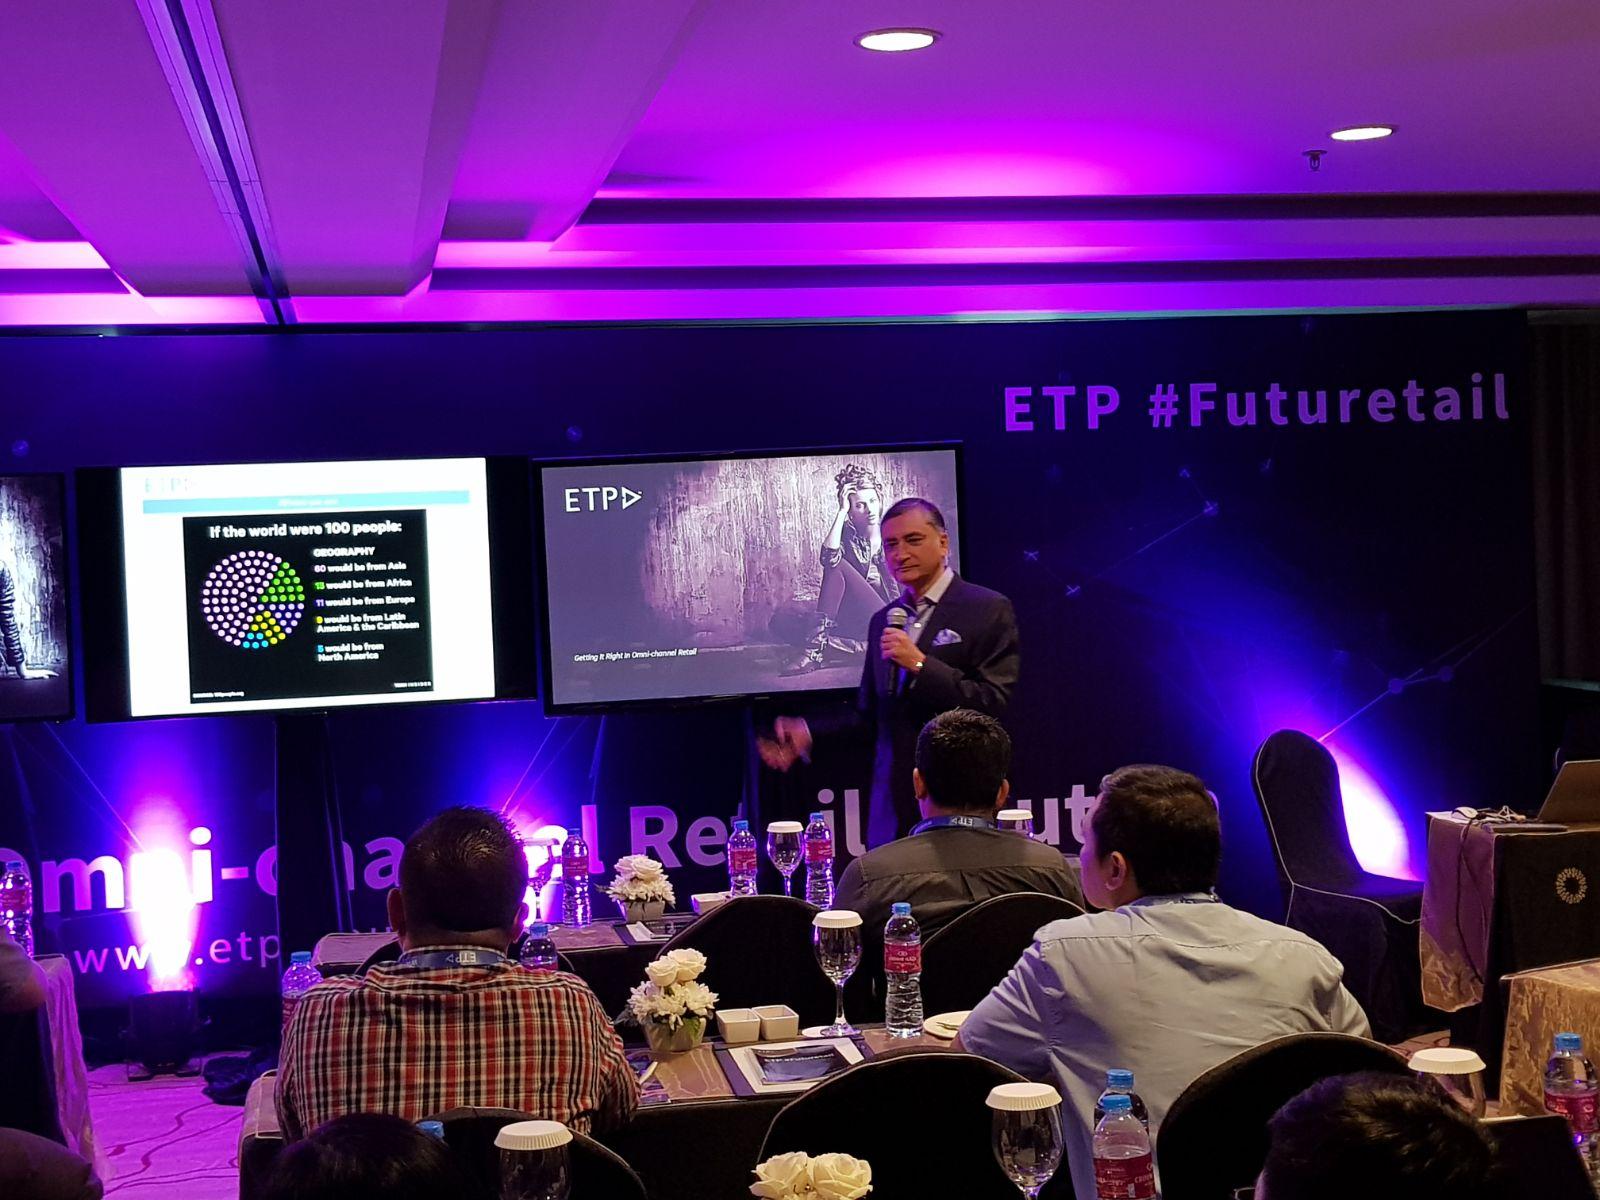 ETP #Futuretail bandung2